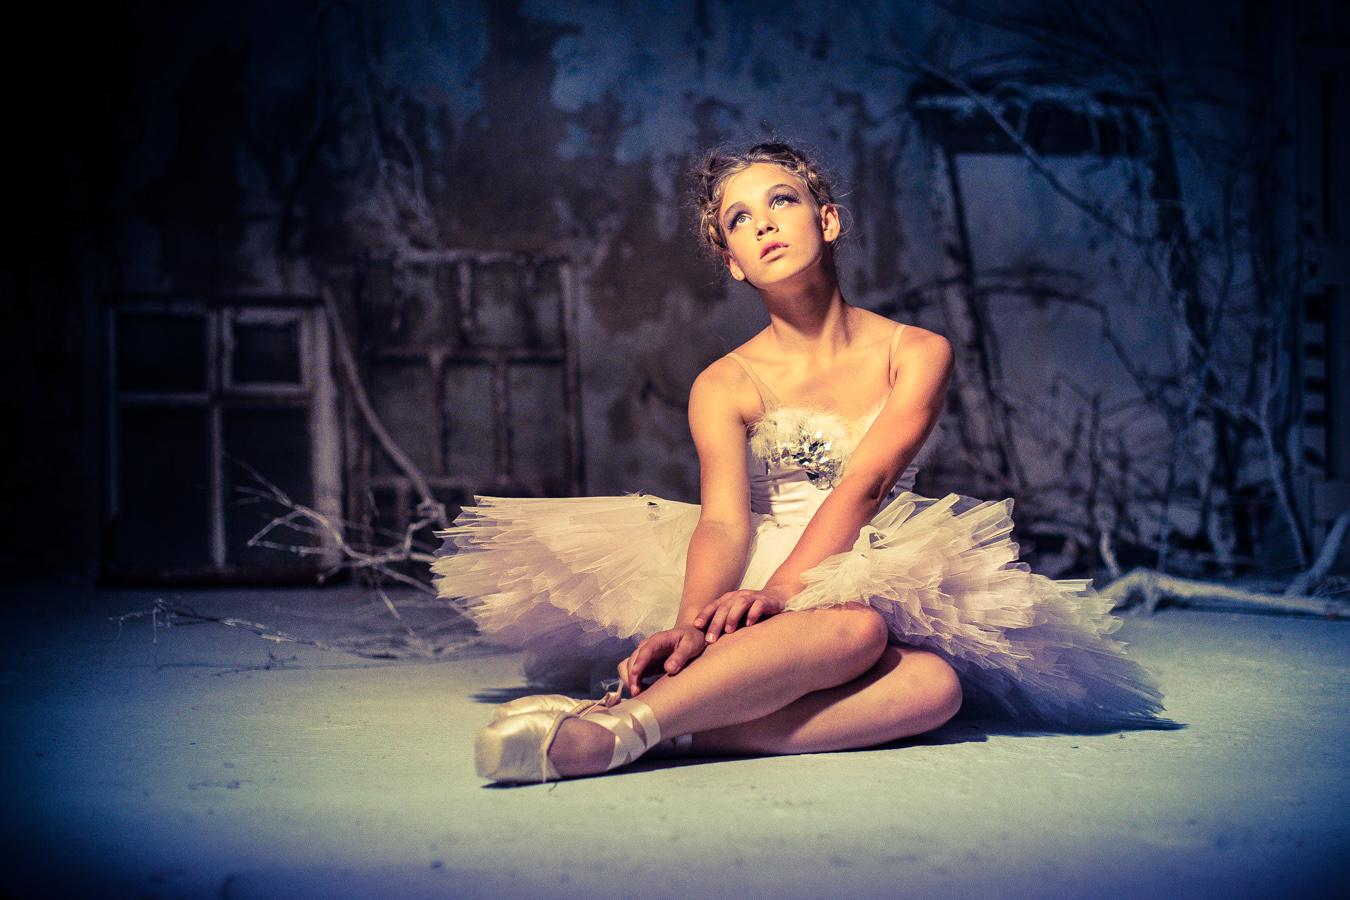 У балерины видны трусы 13 фотография